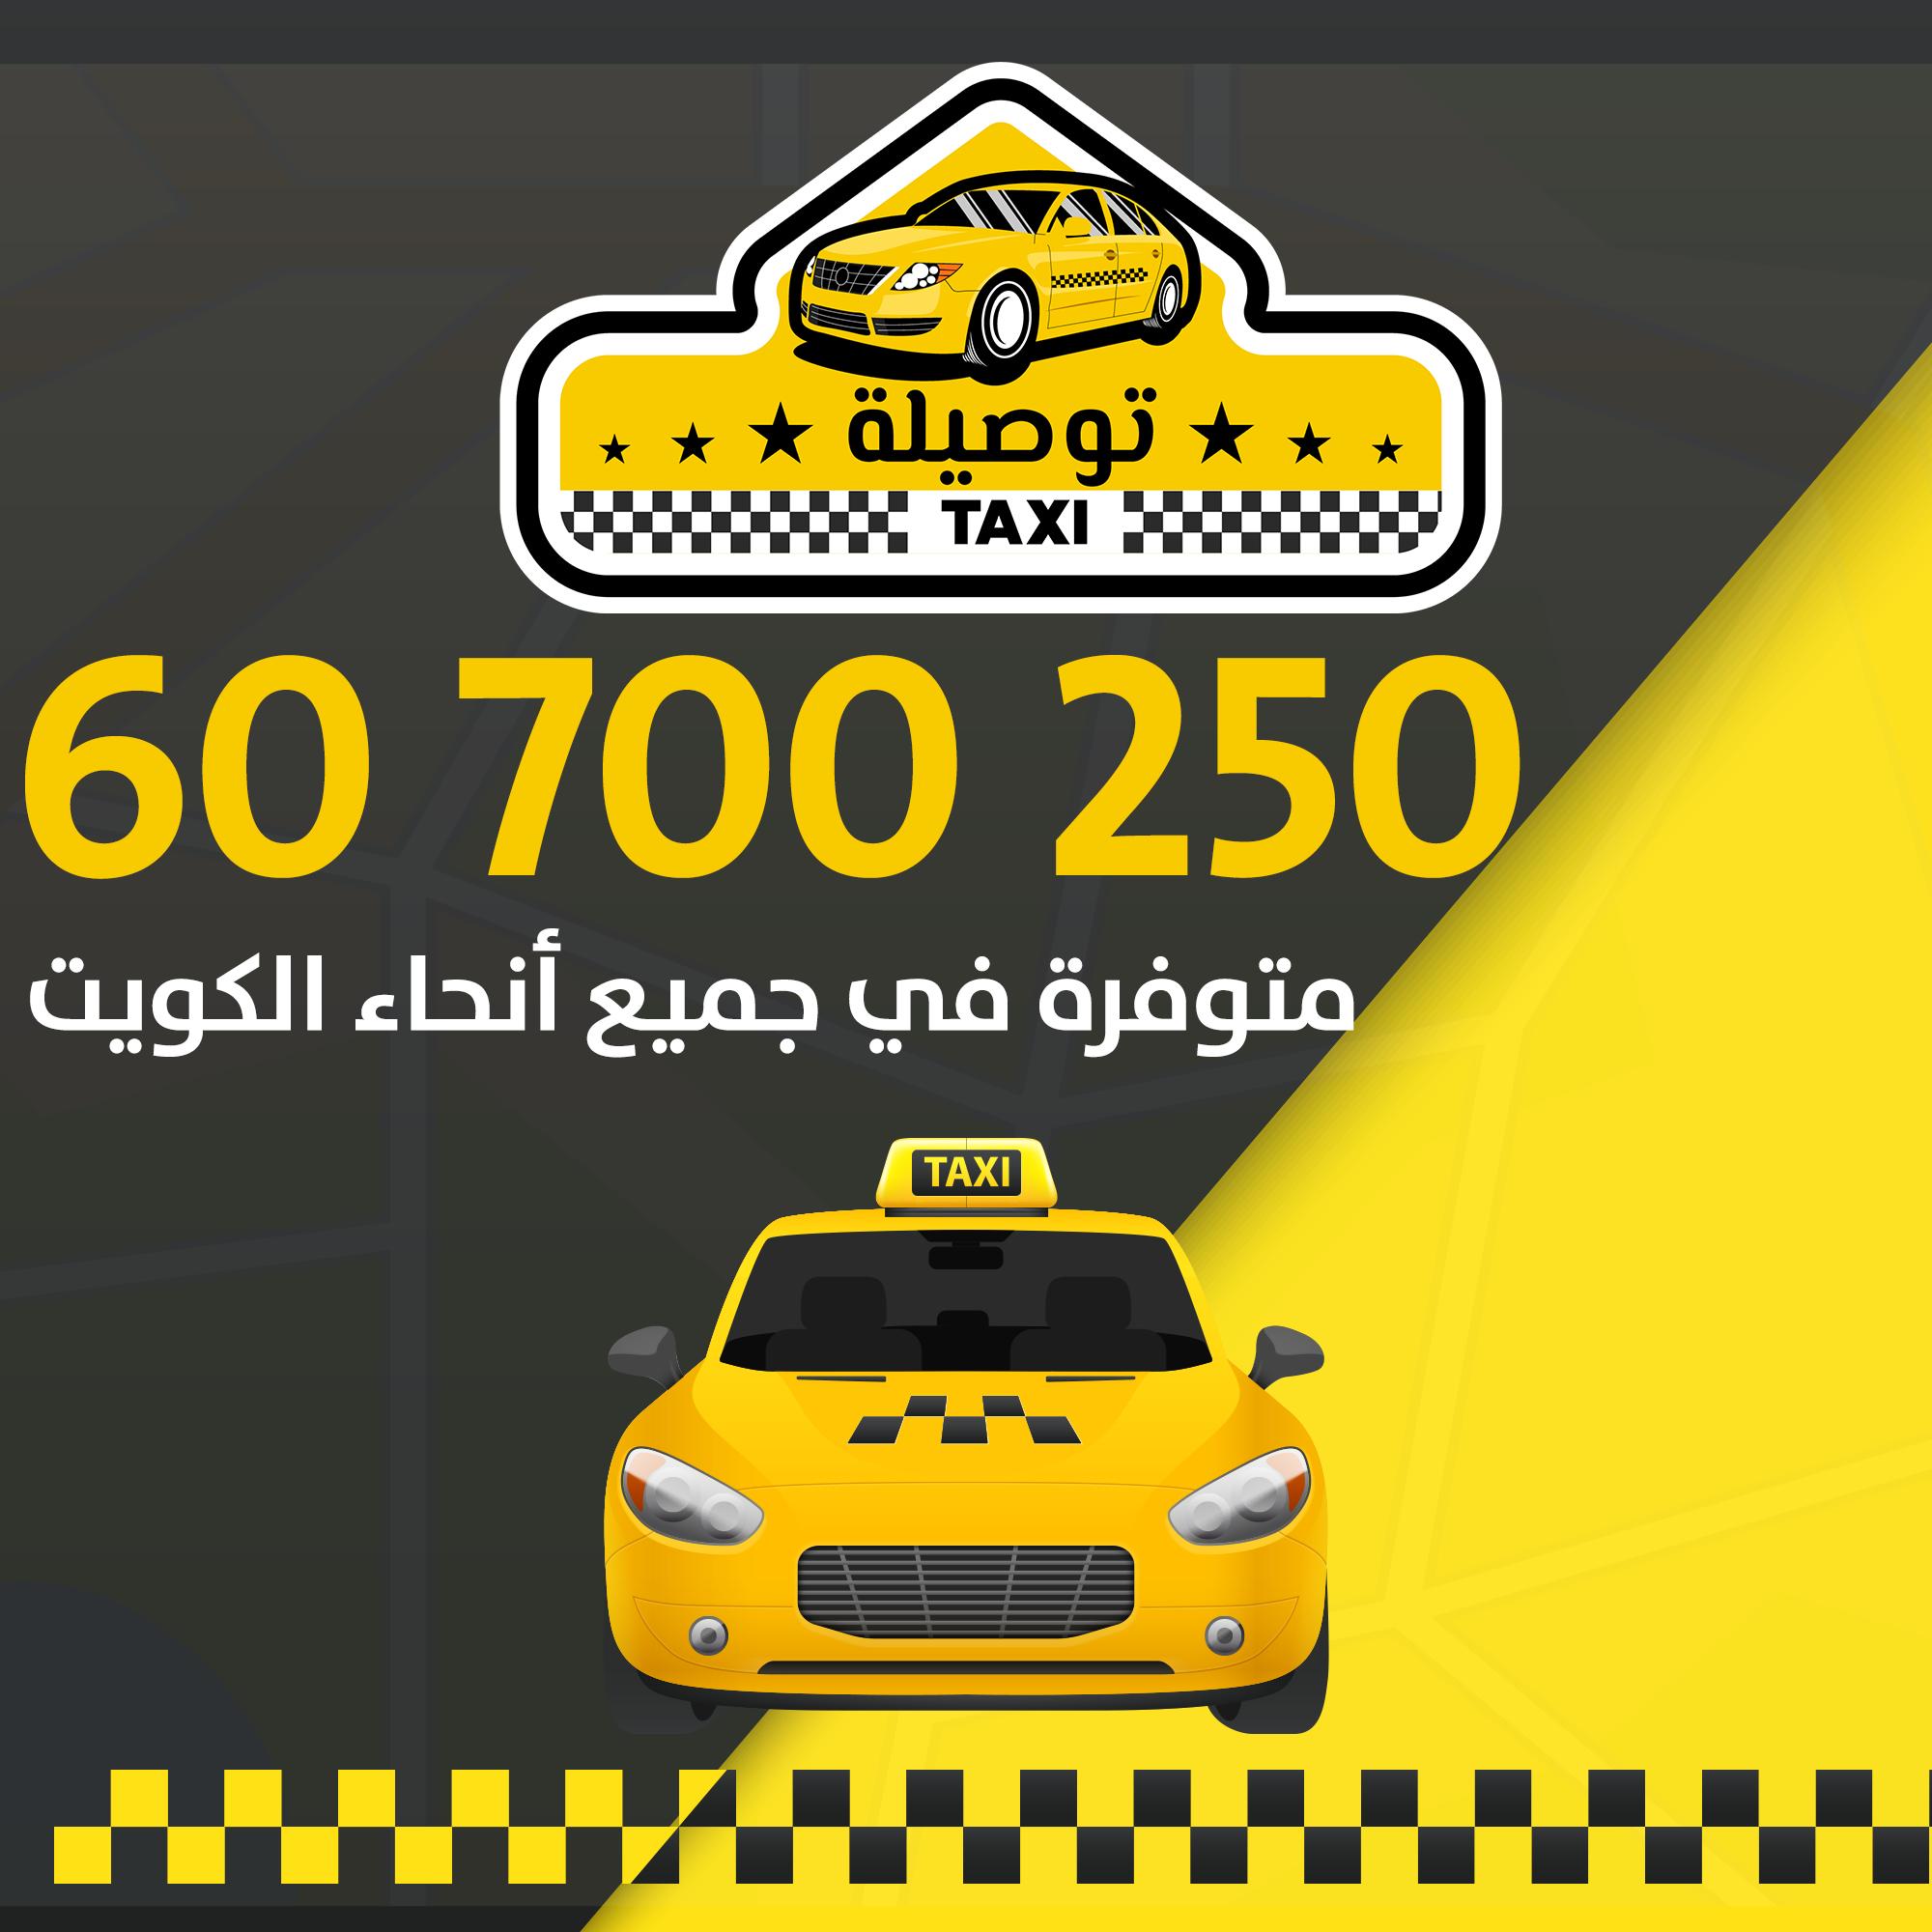 تاكسي توصيلة في شارع محمد عبدو